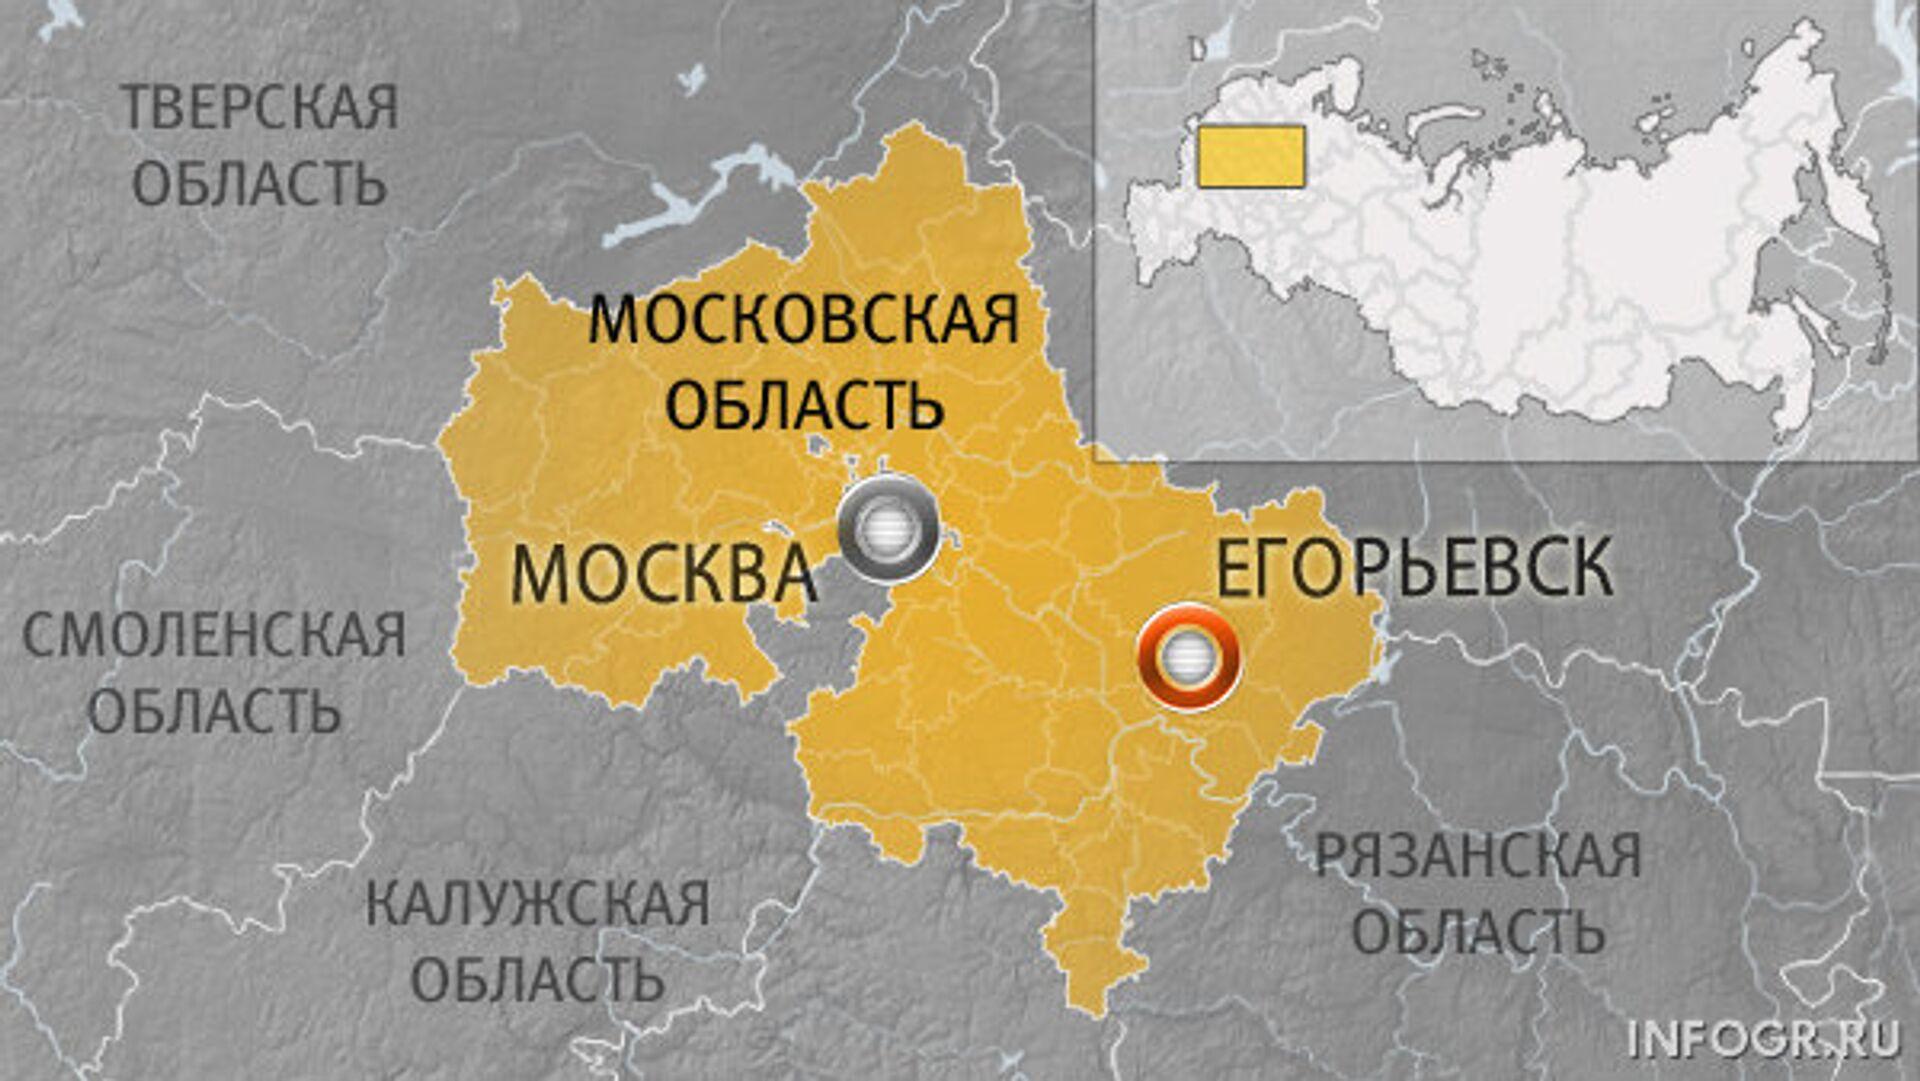 Город Егорьевск Московской области - РИА Новости, 1920, 02.08.2021